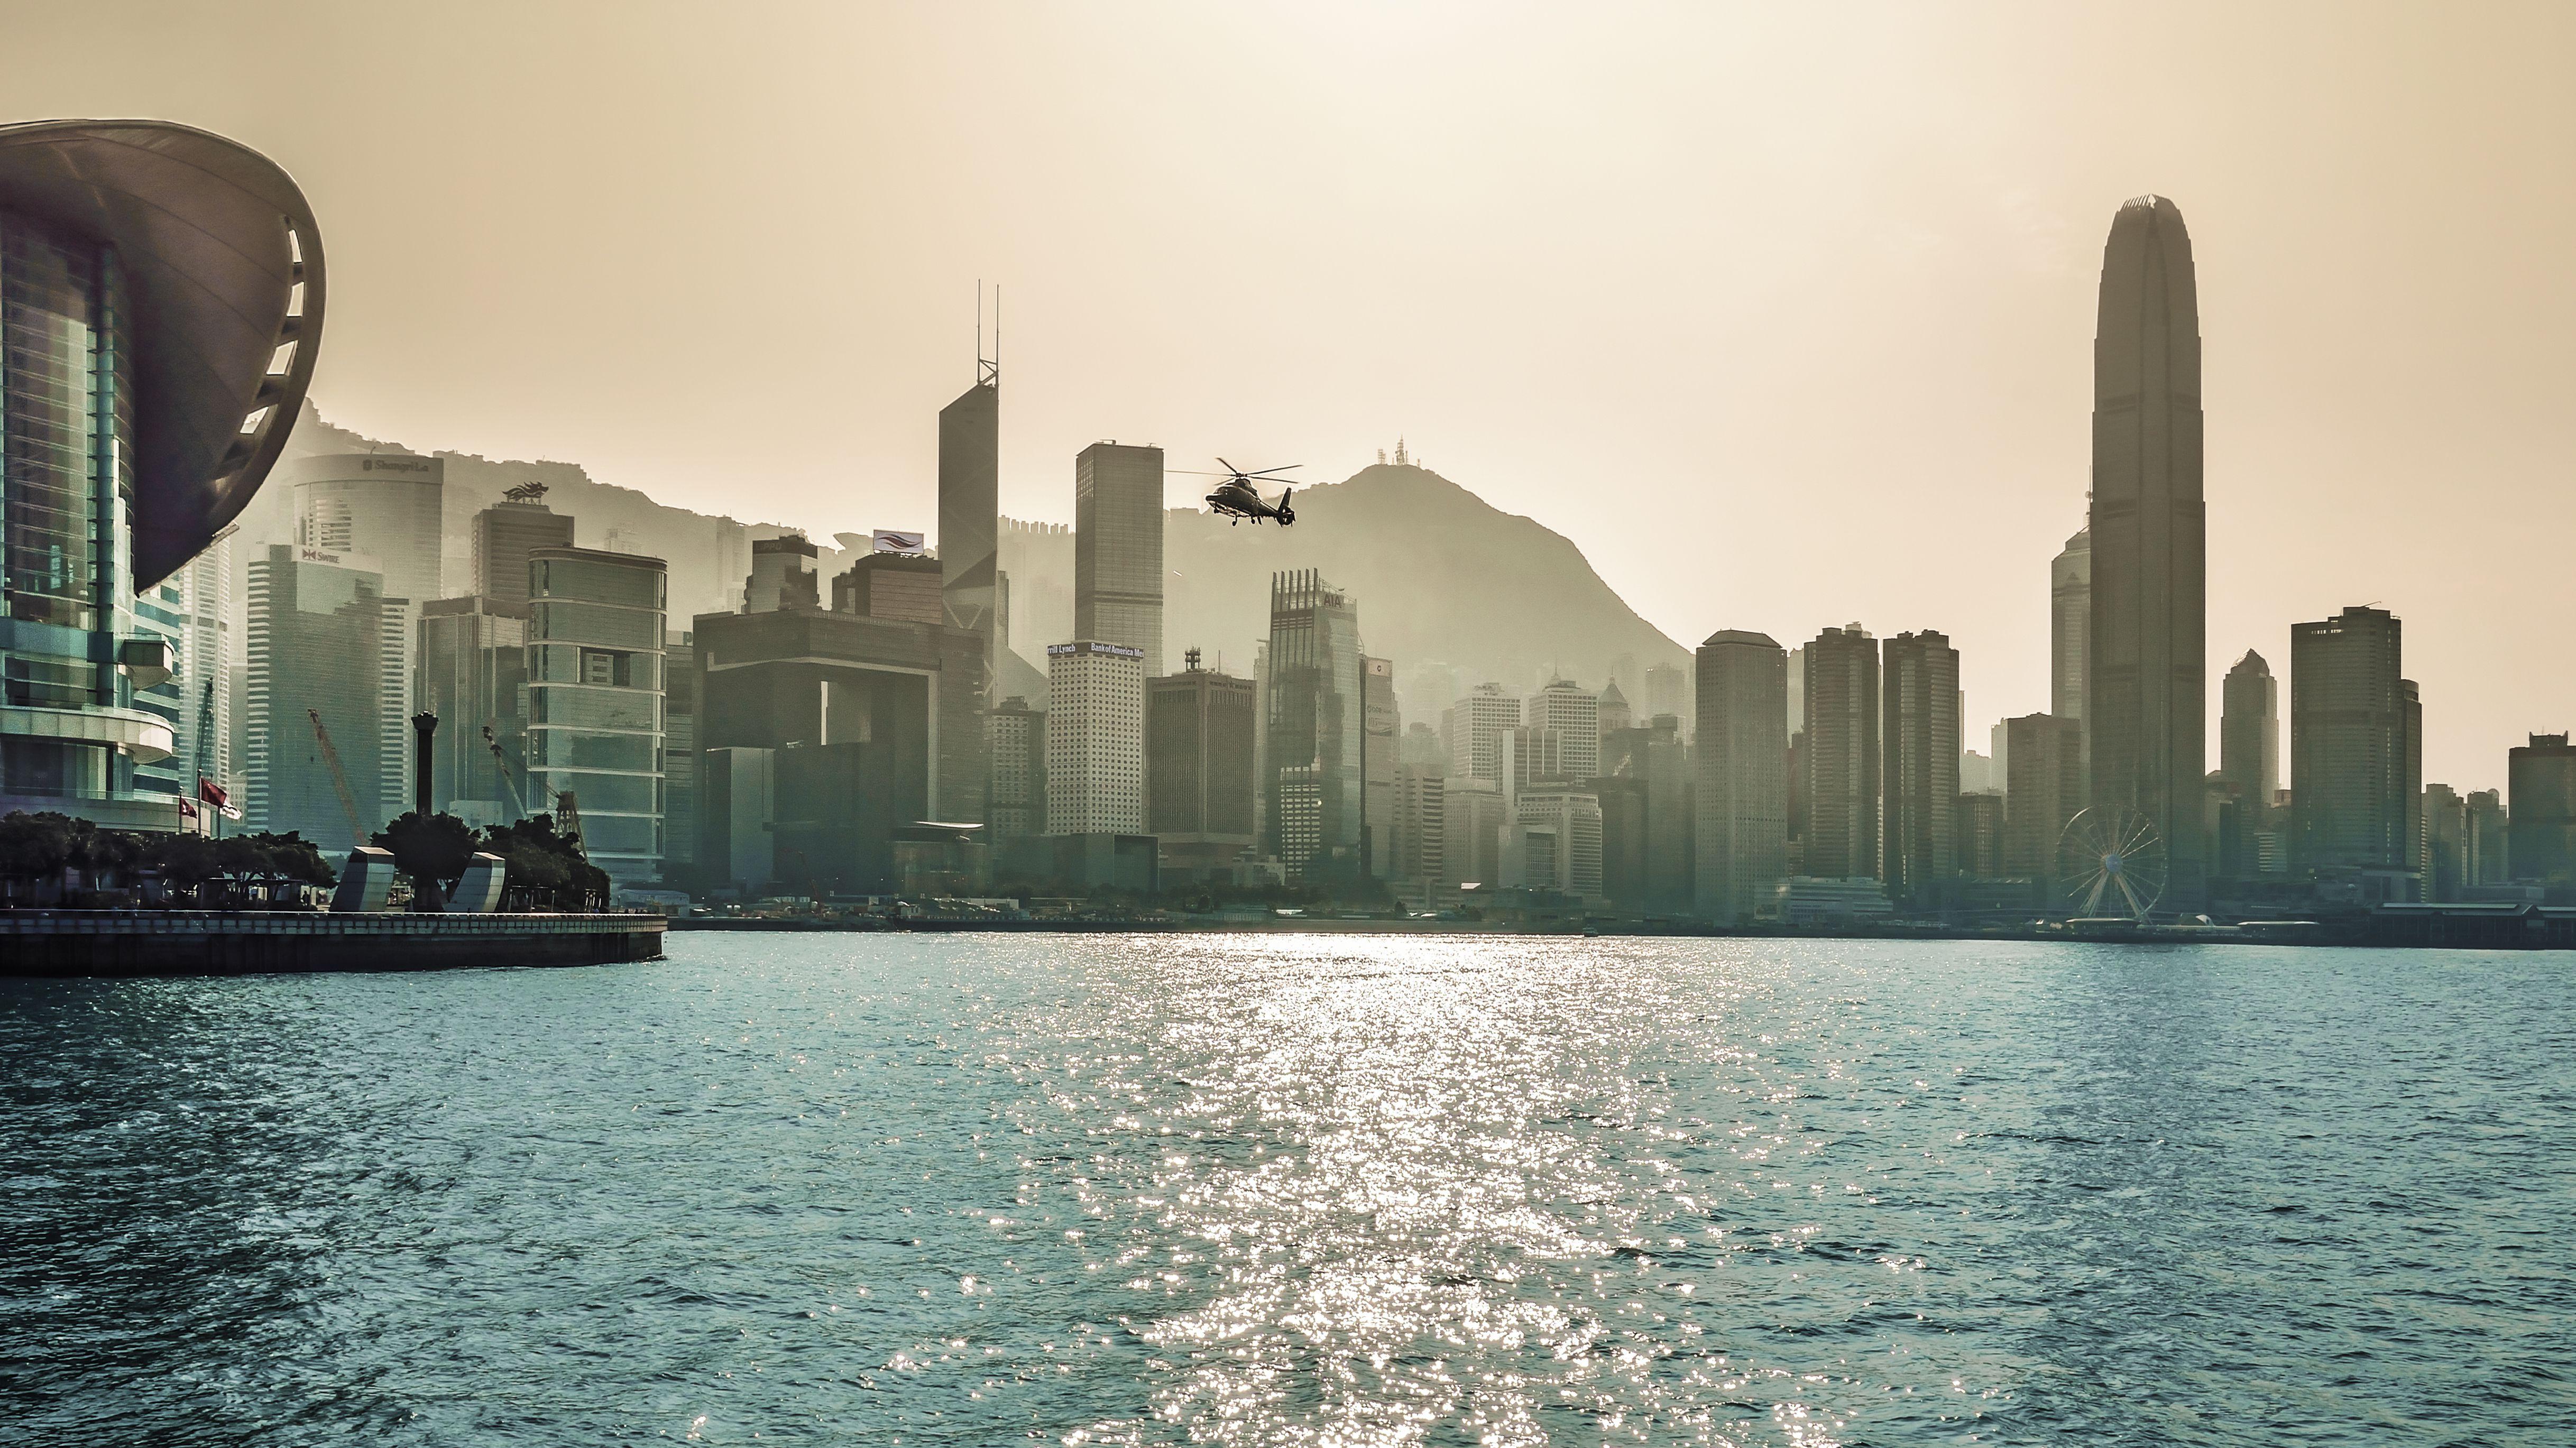 Helicóptero volando sobre el río contra el cielo